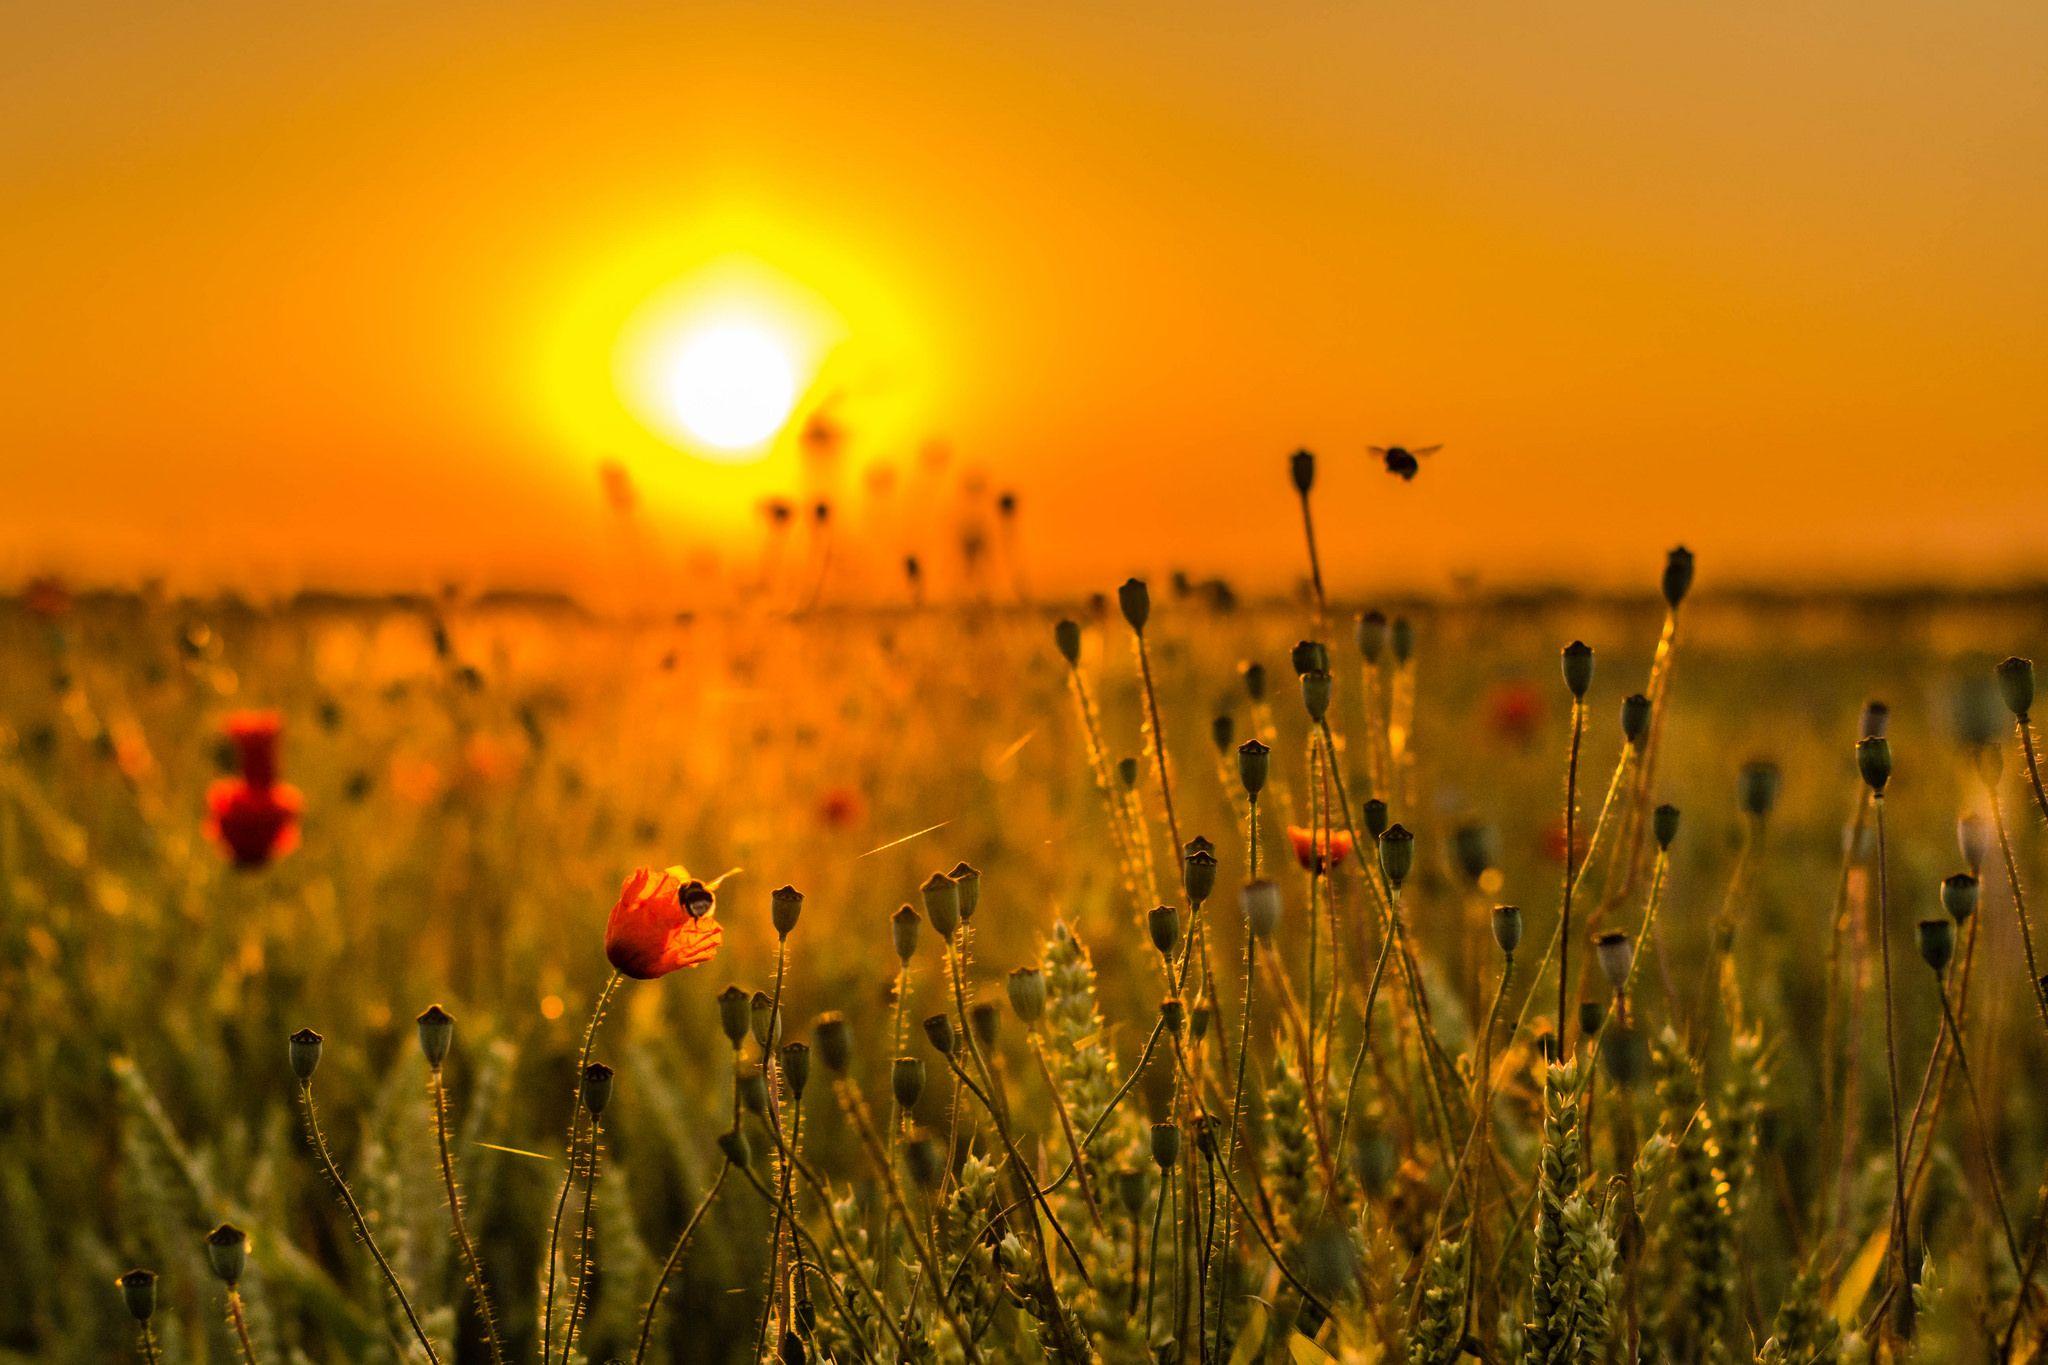 https://flic.kr/p/vGtU6J | morning light | Explore 9.7.2015  Vielen lieben Dank an Euch, für Explore und für die netten Kommentare!